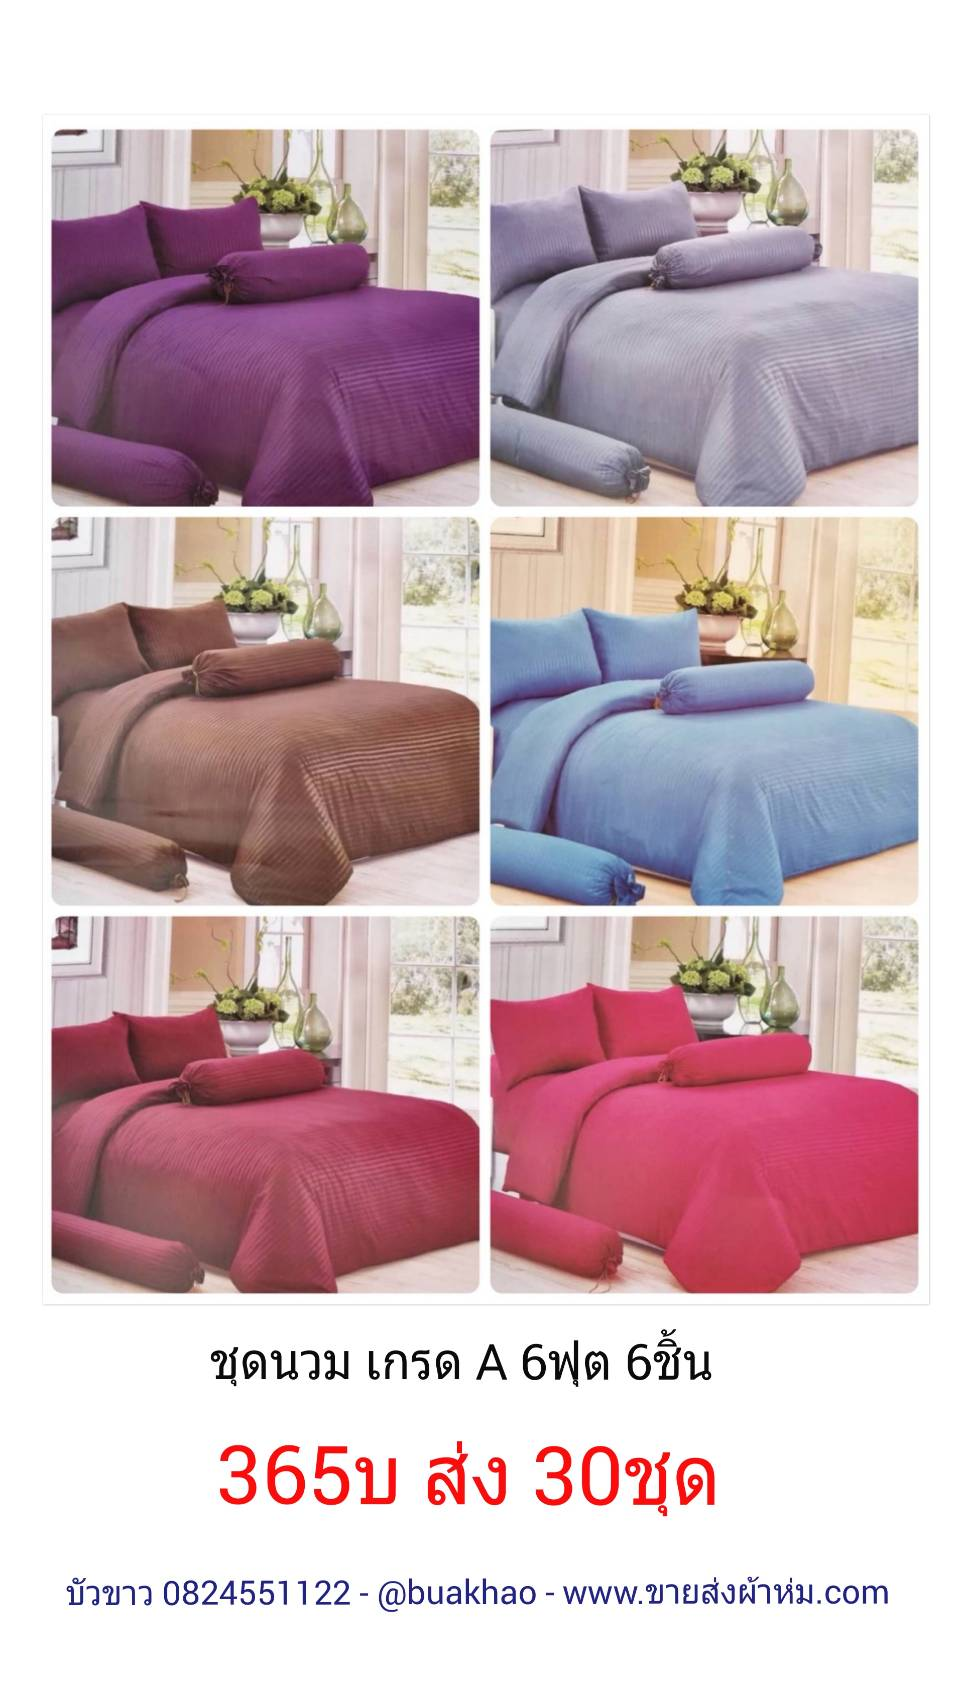 ชุดผ้านวม+ผ้าปูที่นอน เกรดA สีพื้น 6ฟุต 6ชิ้น